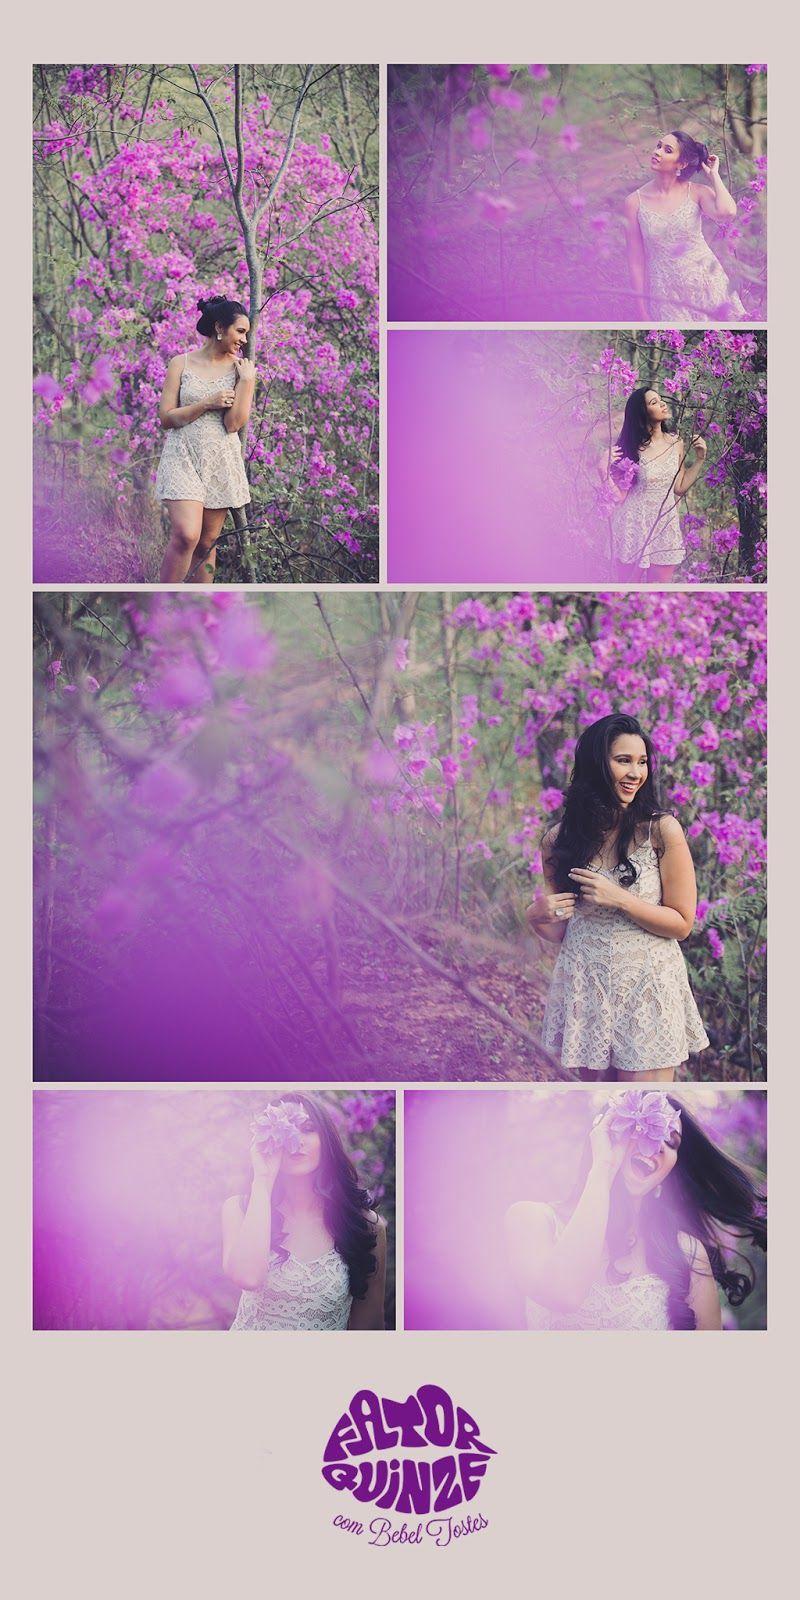 Fator Quinze Fotografia - Flores - 15 anos - Fator Quinze - Foto -  Fotografia - Foto com luzes - Light - Lindas - Laranja - Vermelho - Branco - Rosa  - Debutante - Foto de 15 anos - Quinze Anos